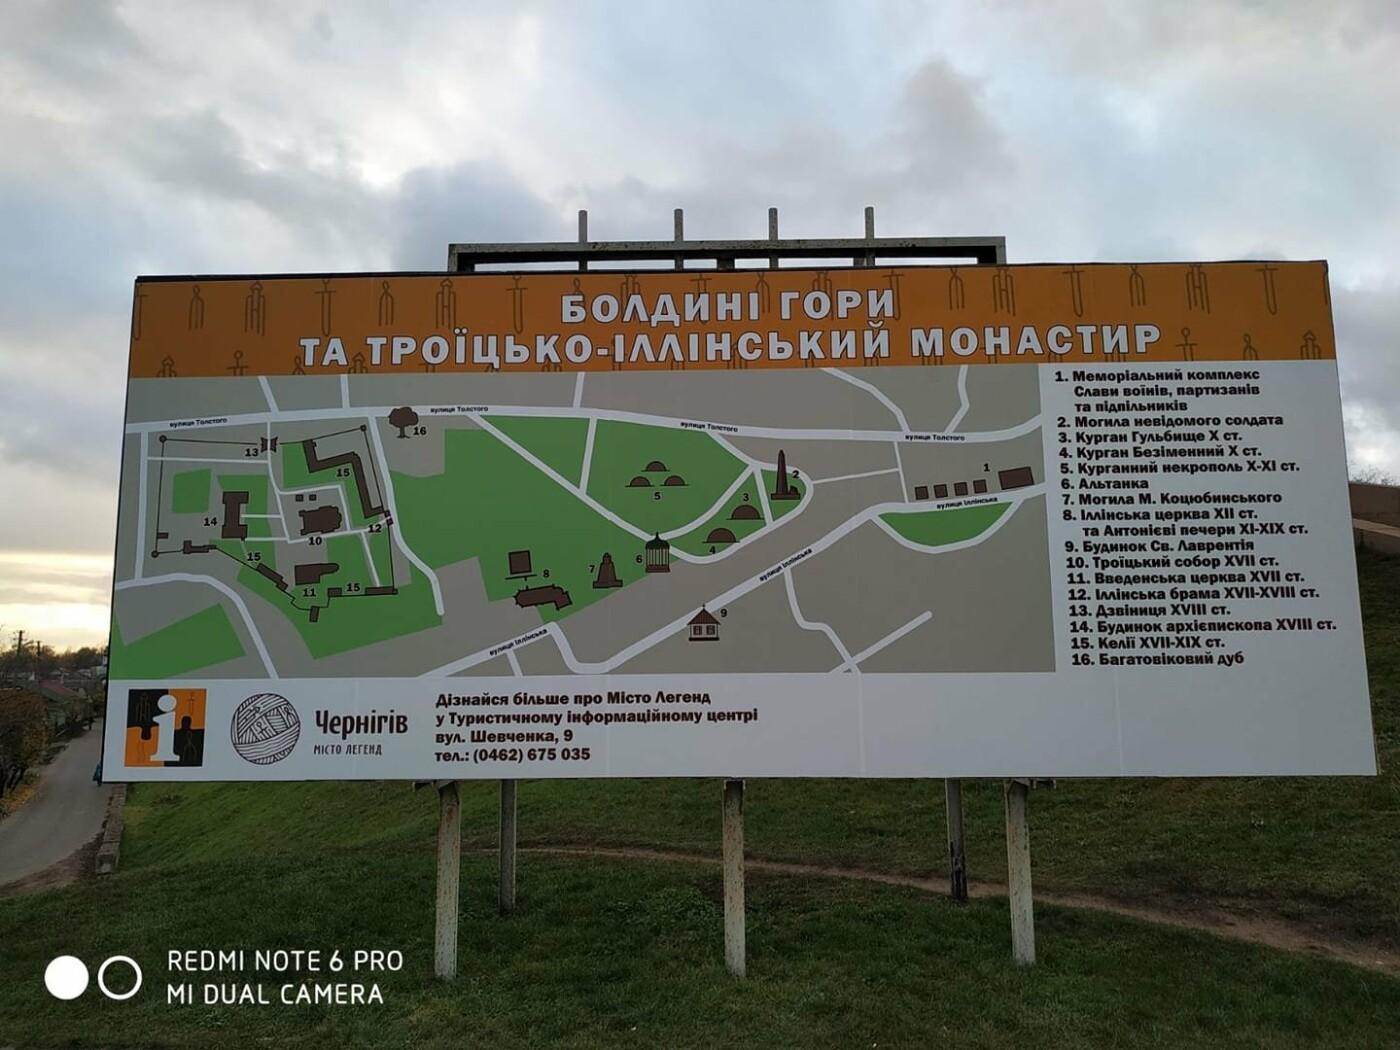 У підніжжя Болдиних гір встановили борд-путівник, фото-1